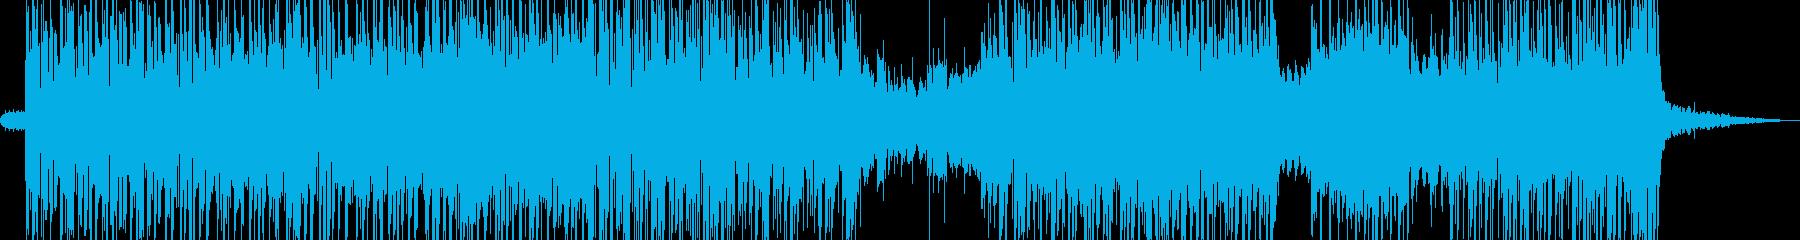 アジト・無機質アなグレッシブビート A3の再生済みの波形